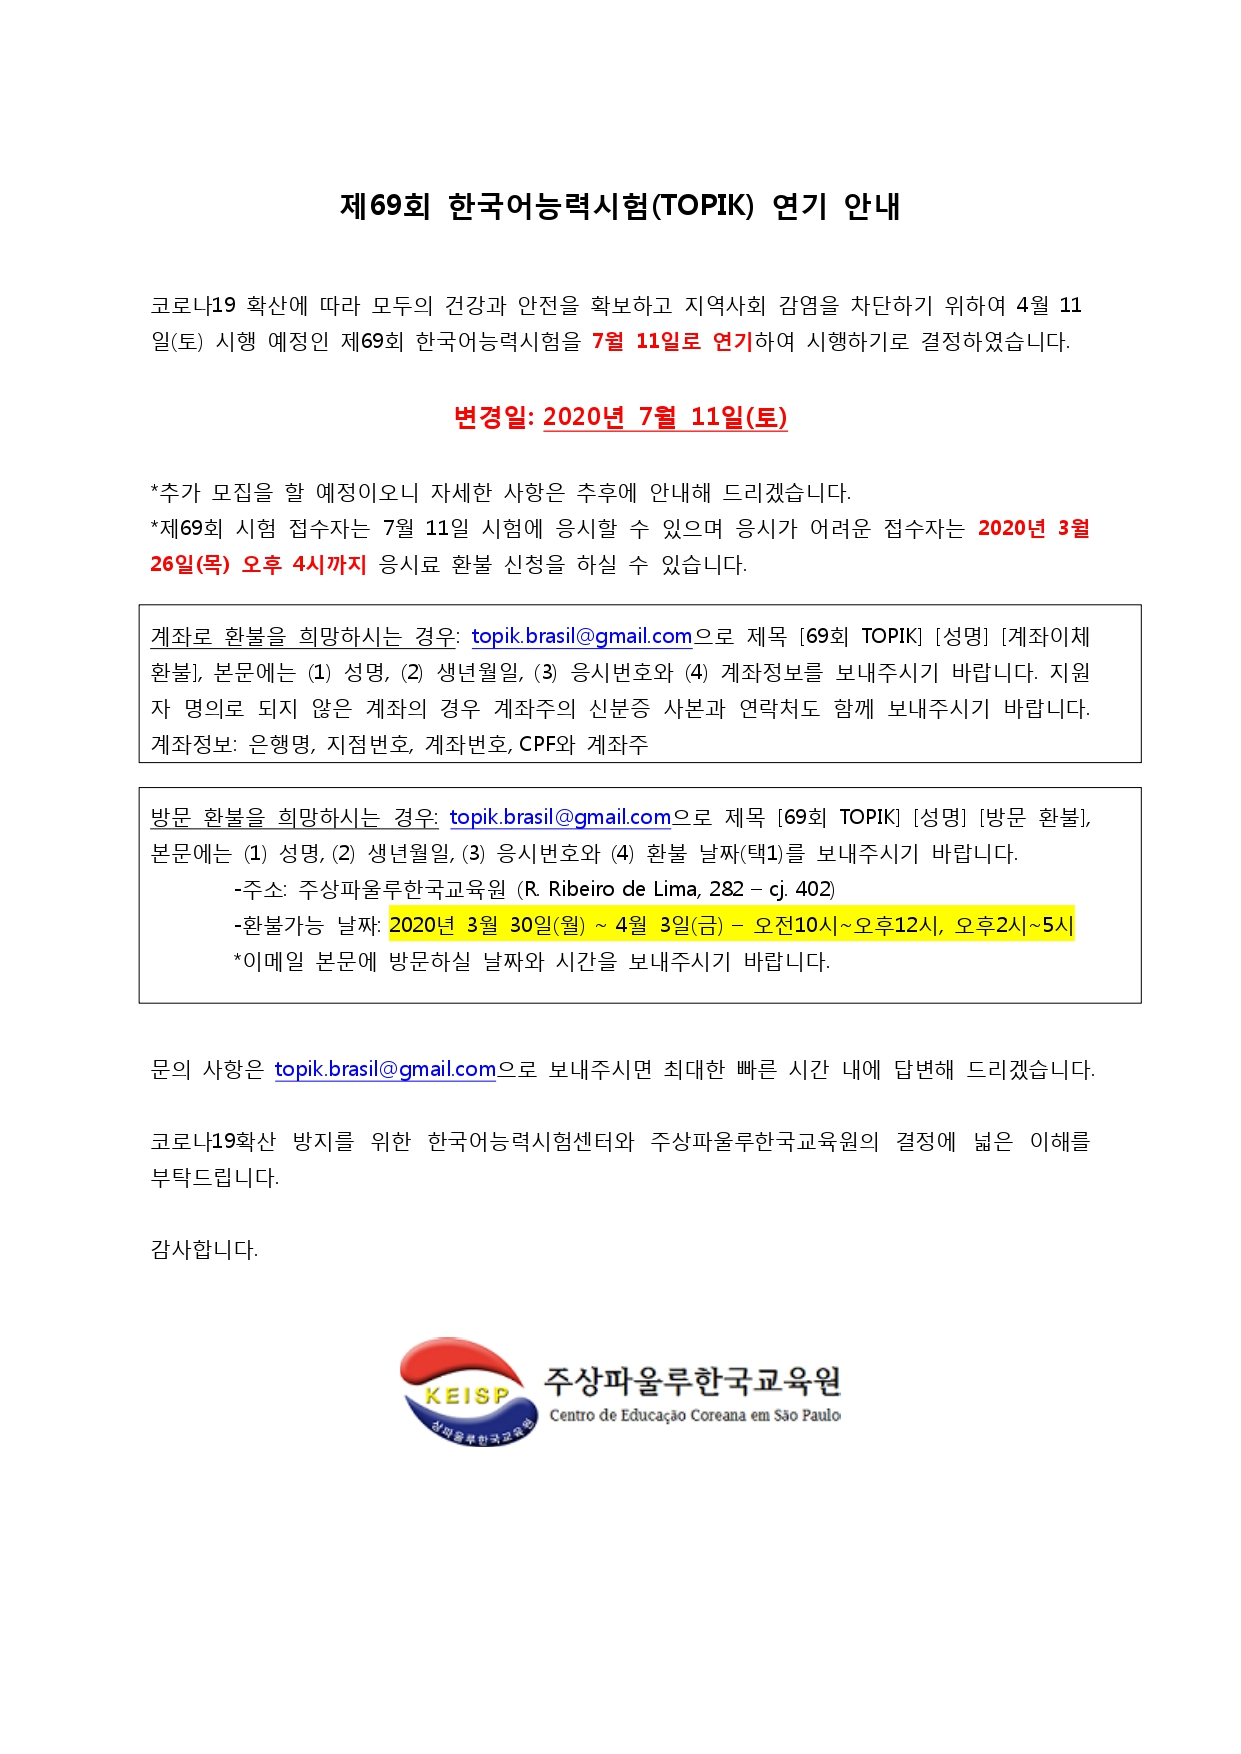 제69회 한국어능력시험 연기 안내.jpg